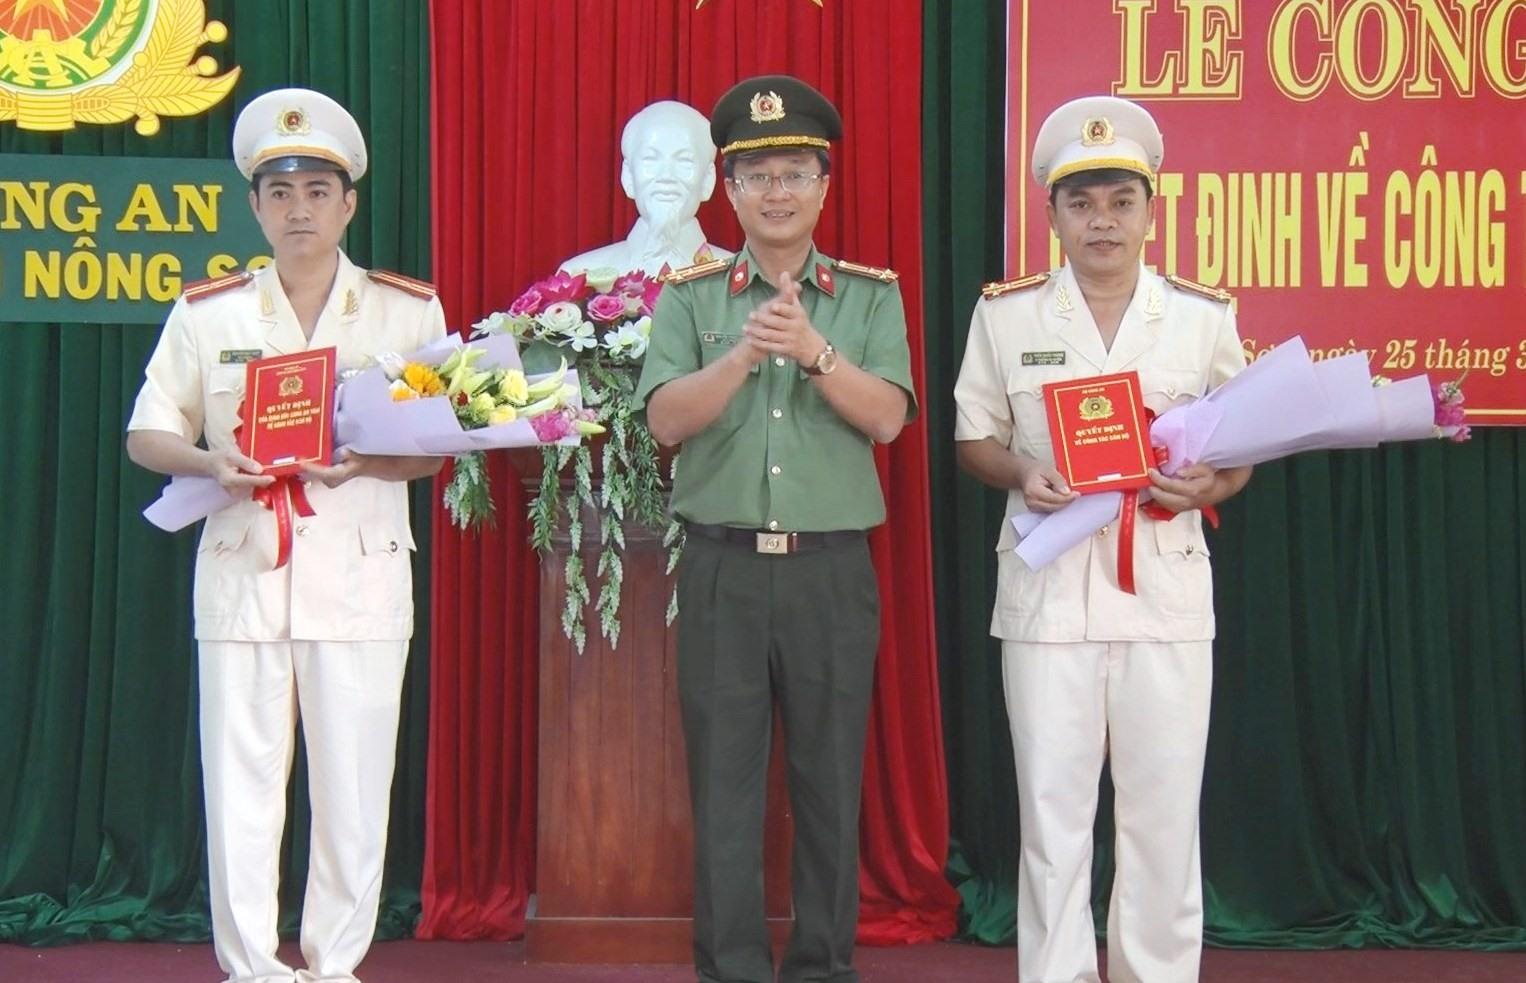 Thượng tá Nguyễn Thành Long – Phó Giám đốc Công an tỉnh trao các quyết định bổ nhiệm trưởng, phó trưởng Công an huyện Nông Sơn.